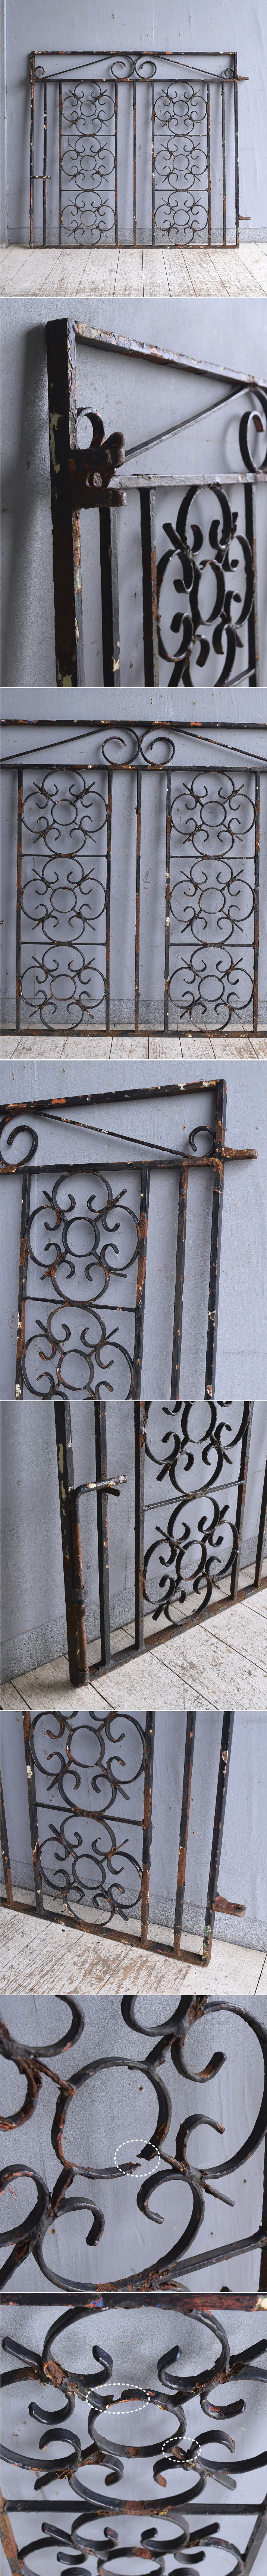 イギリスアンティーク アイアンフェンス ゲート柵 ガーデニング 9349